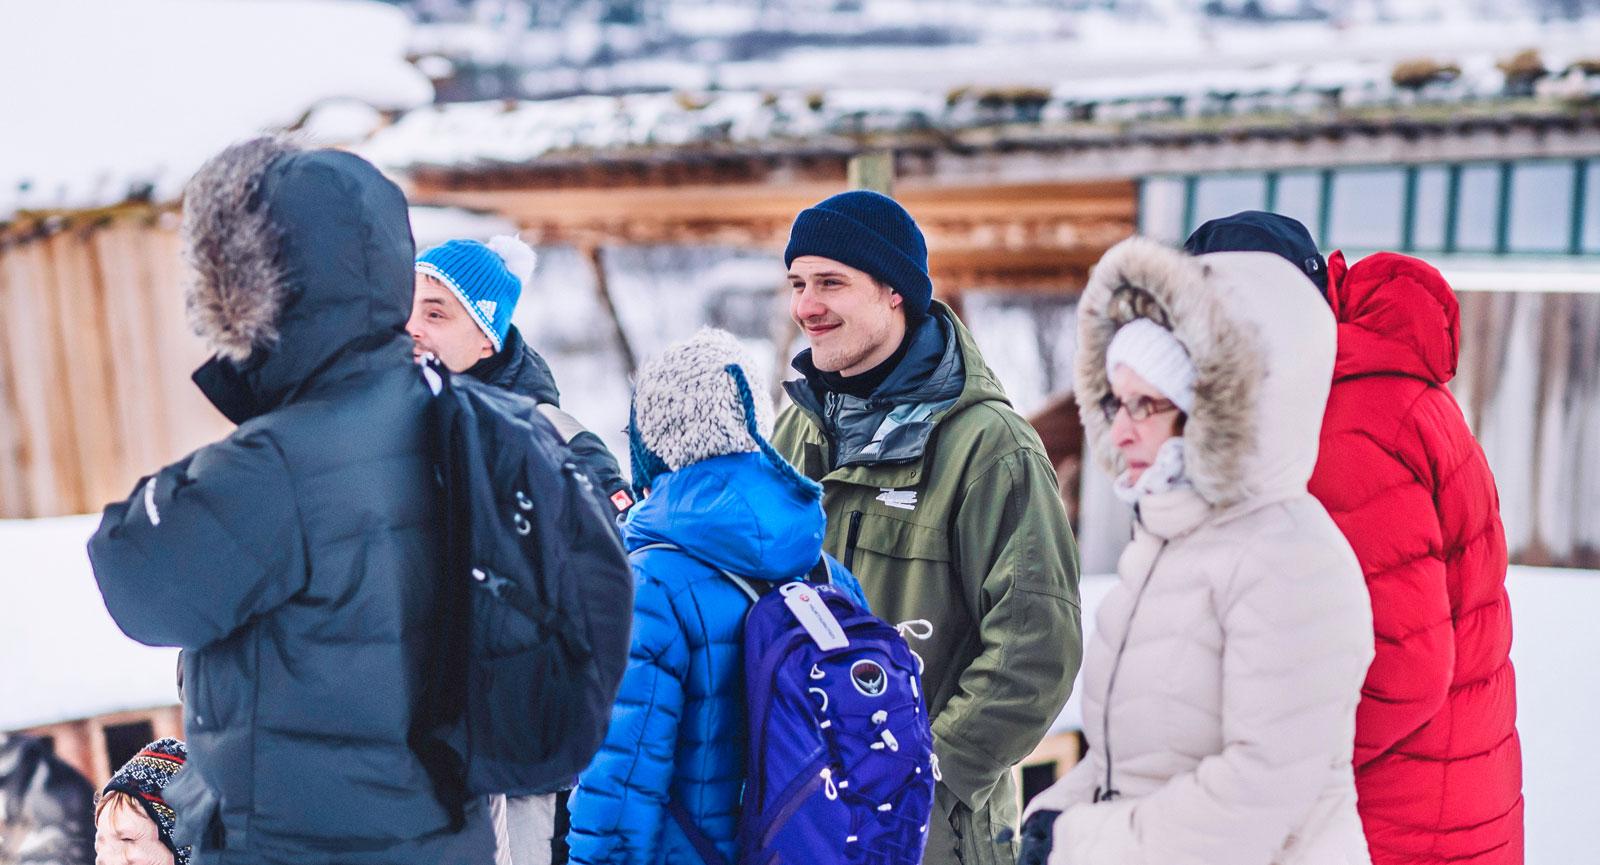 nyfikna. Christian tar emot ett gäng turister som vill pröva på känslan att glida fram ljudlöst över snön med hundspann.